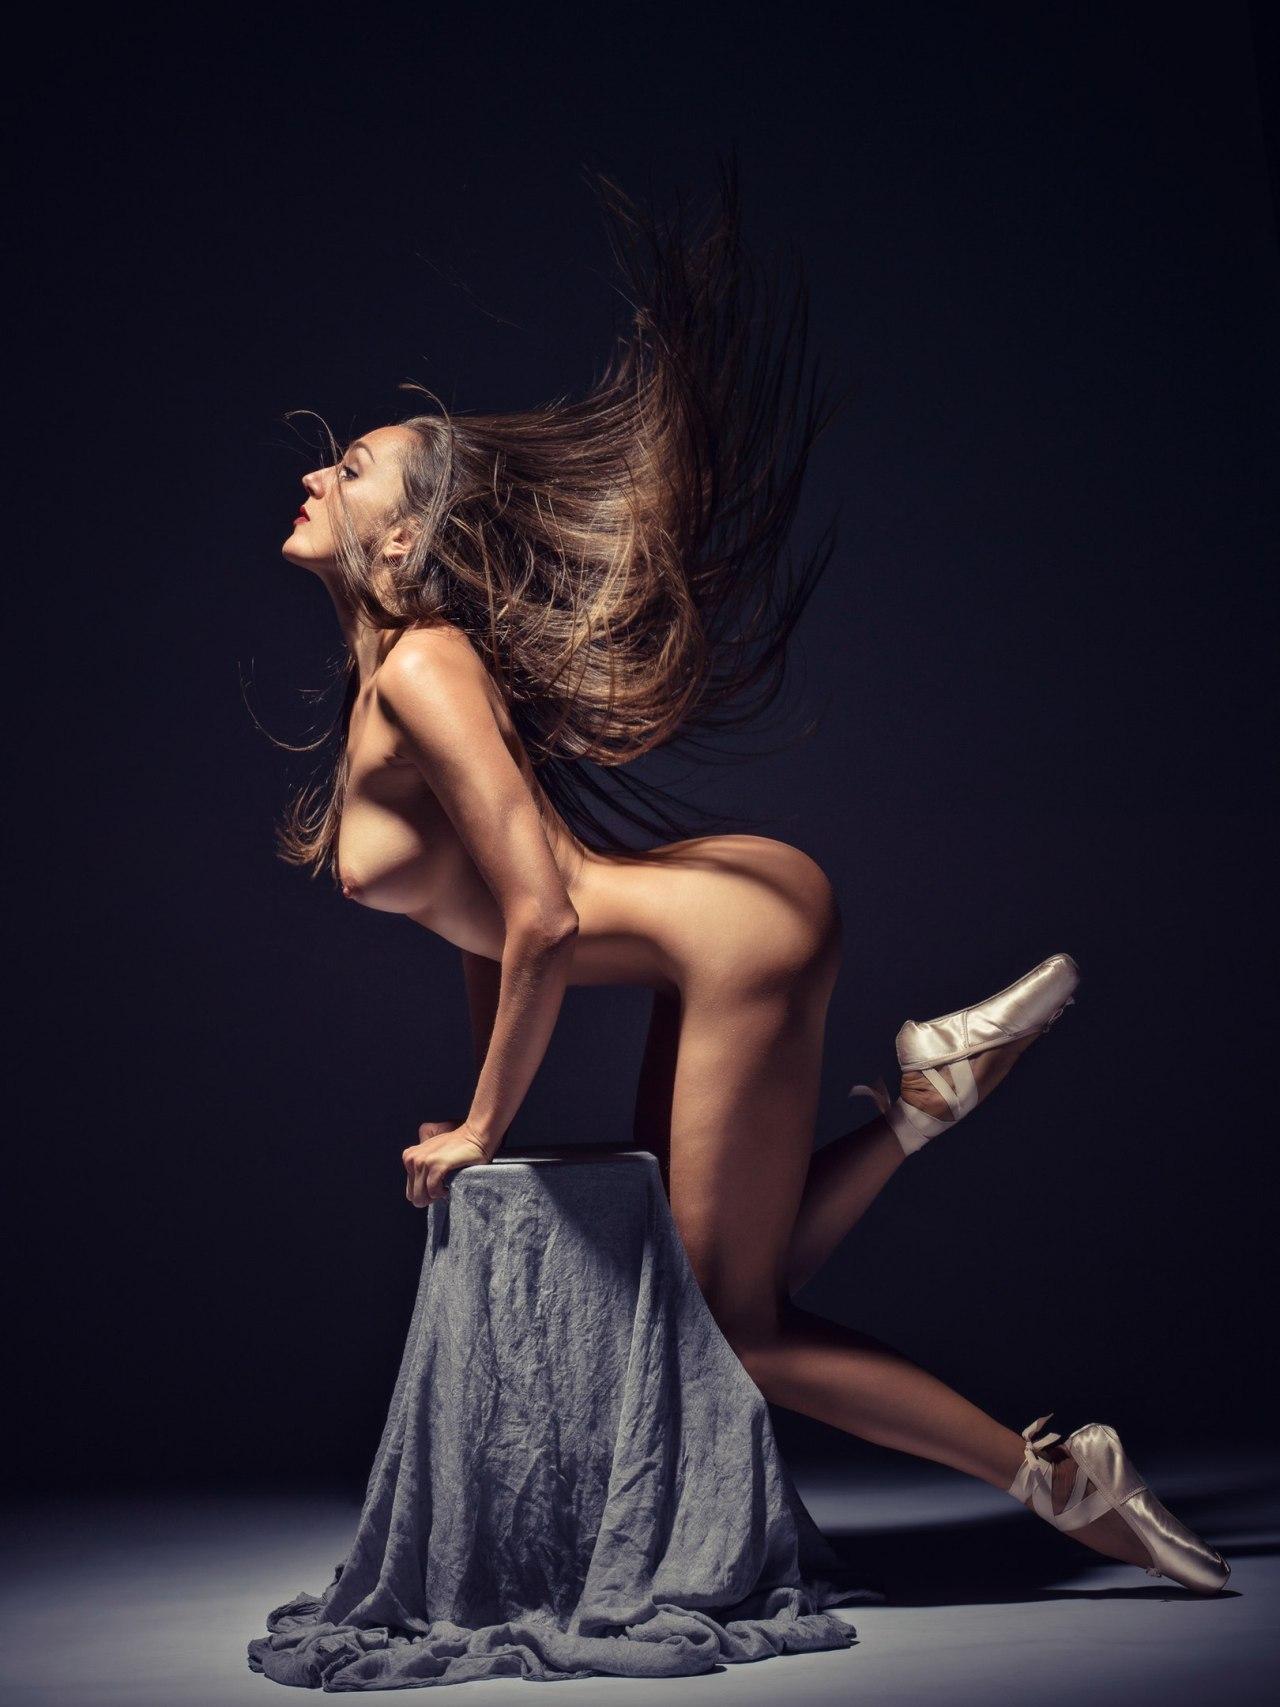 Katya Spiridonova